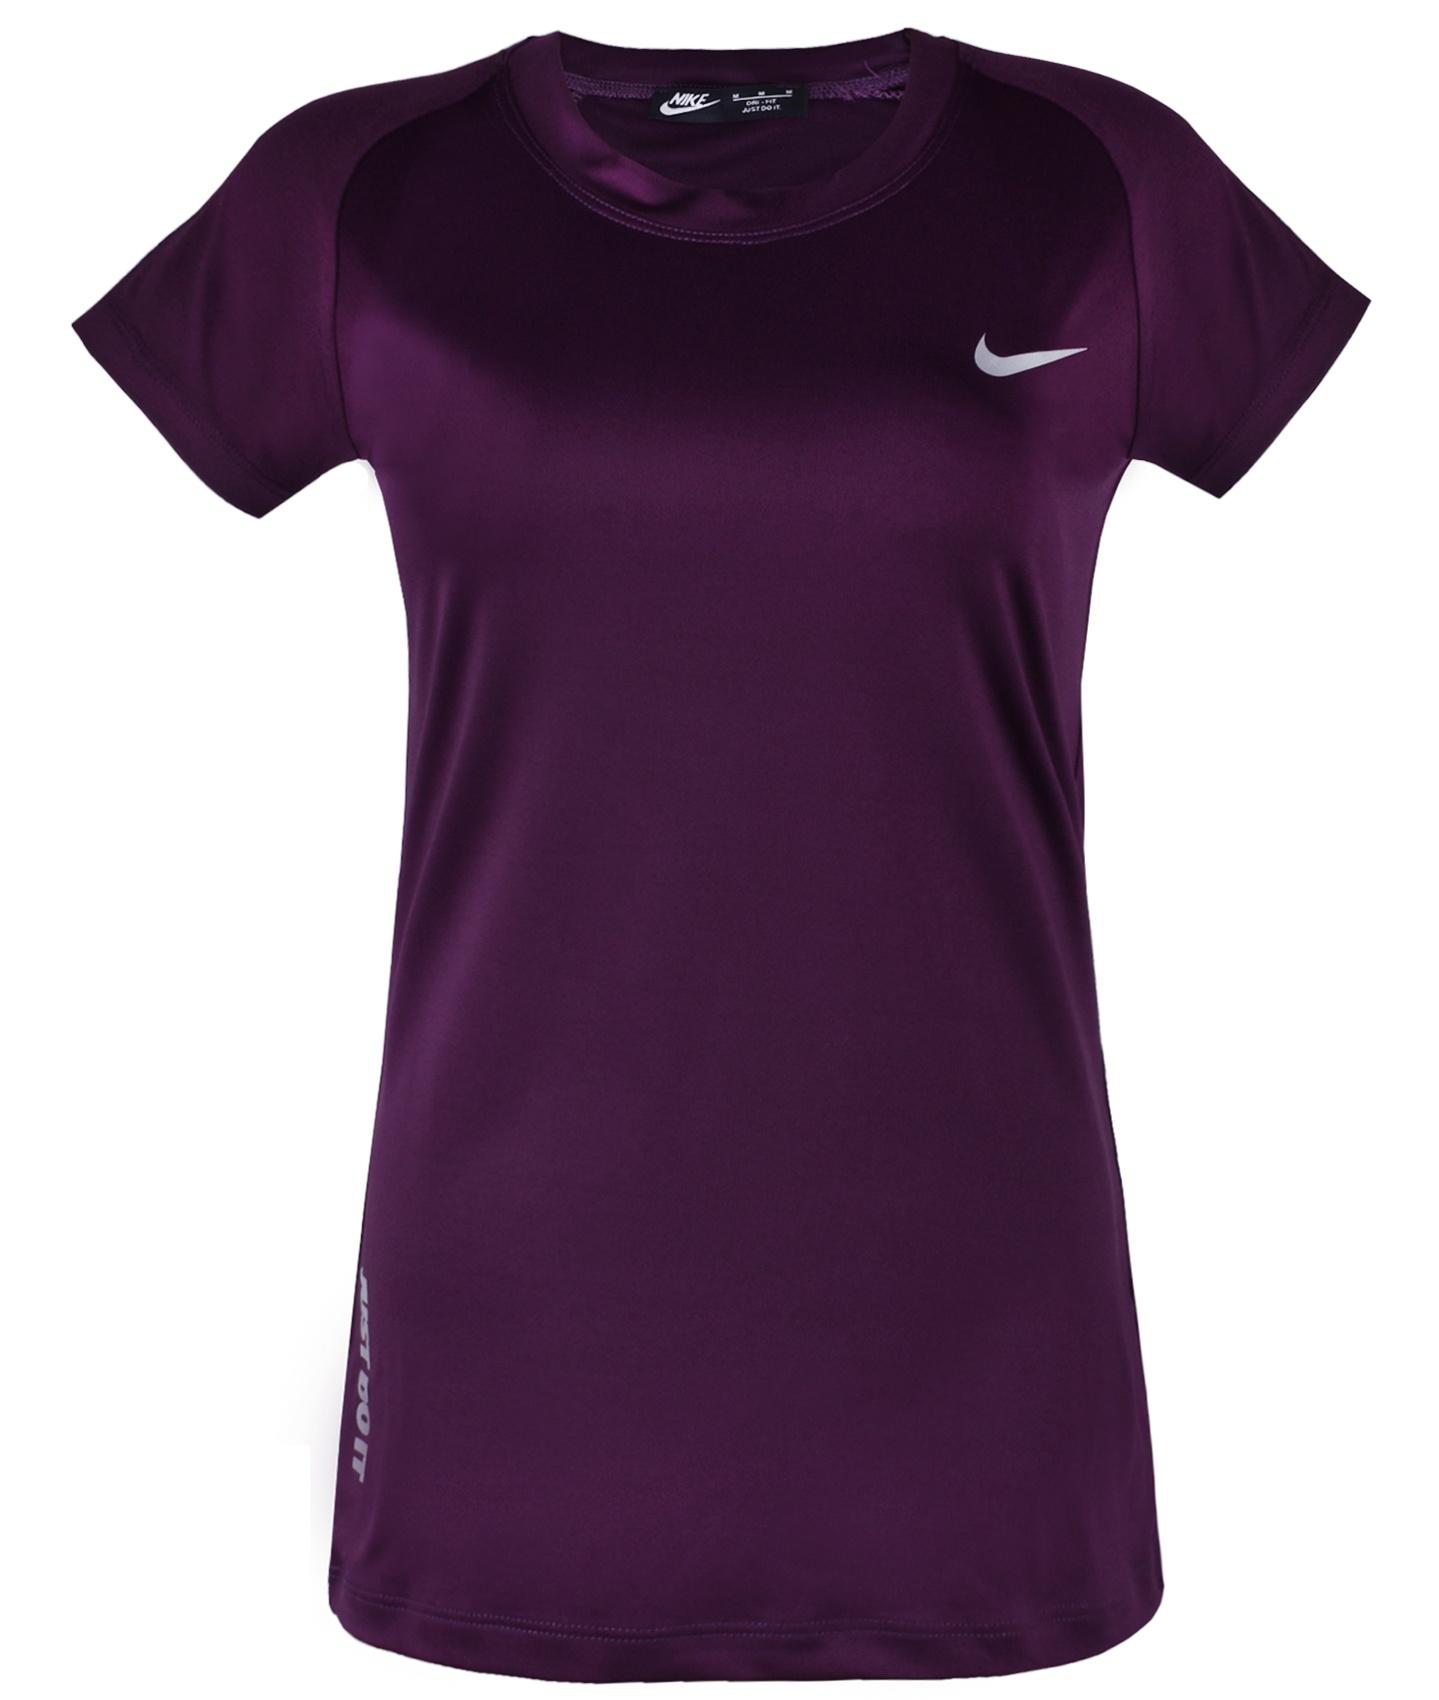 تی شرت ورزشی زنانه کد 024-2351